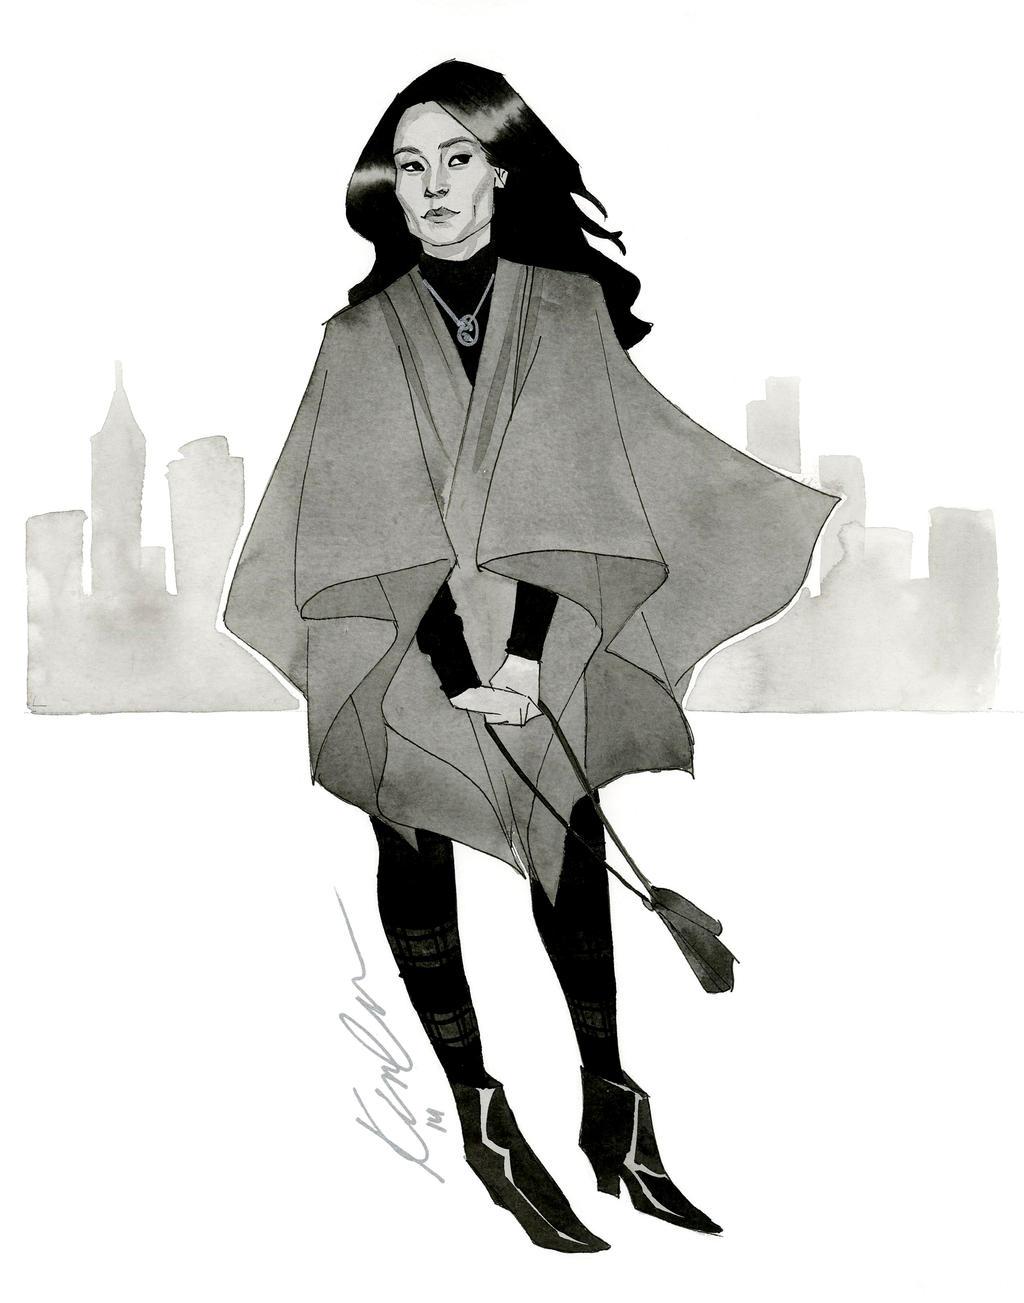 Joan Watson - HeroesCon 2014 sketch by kevinwada